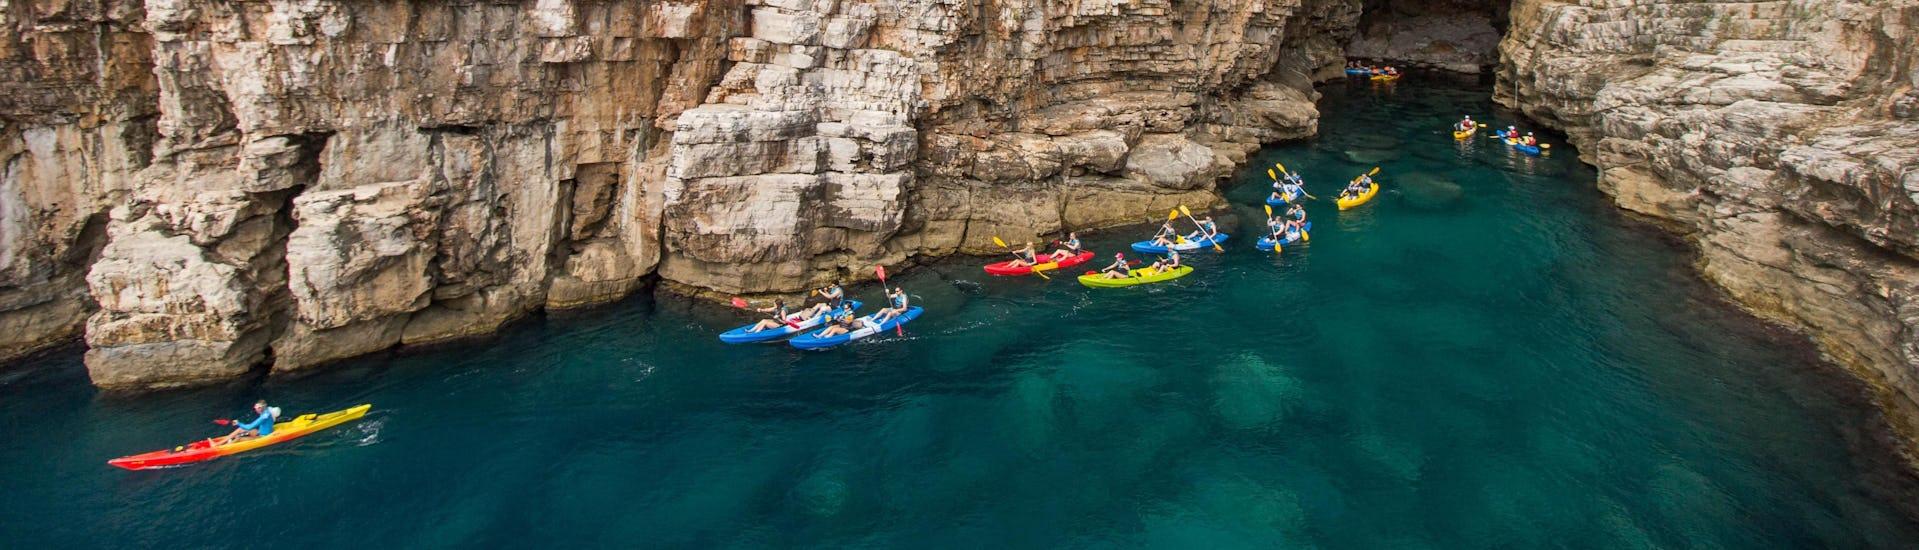 Dubrovnik: Een stel vrienden geniet van hun tocht in een van de hotspots voor kajakken en kanoën.